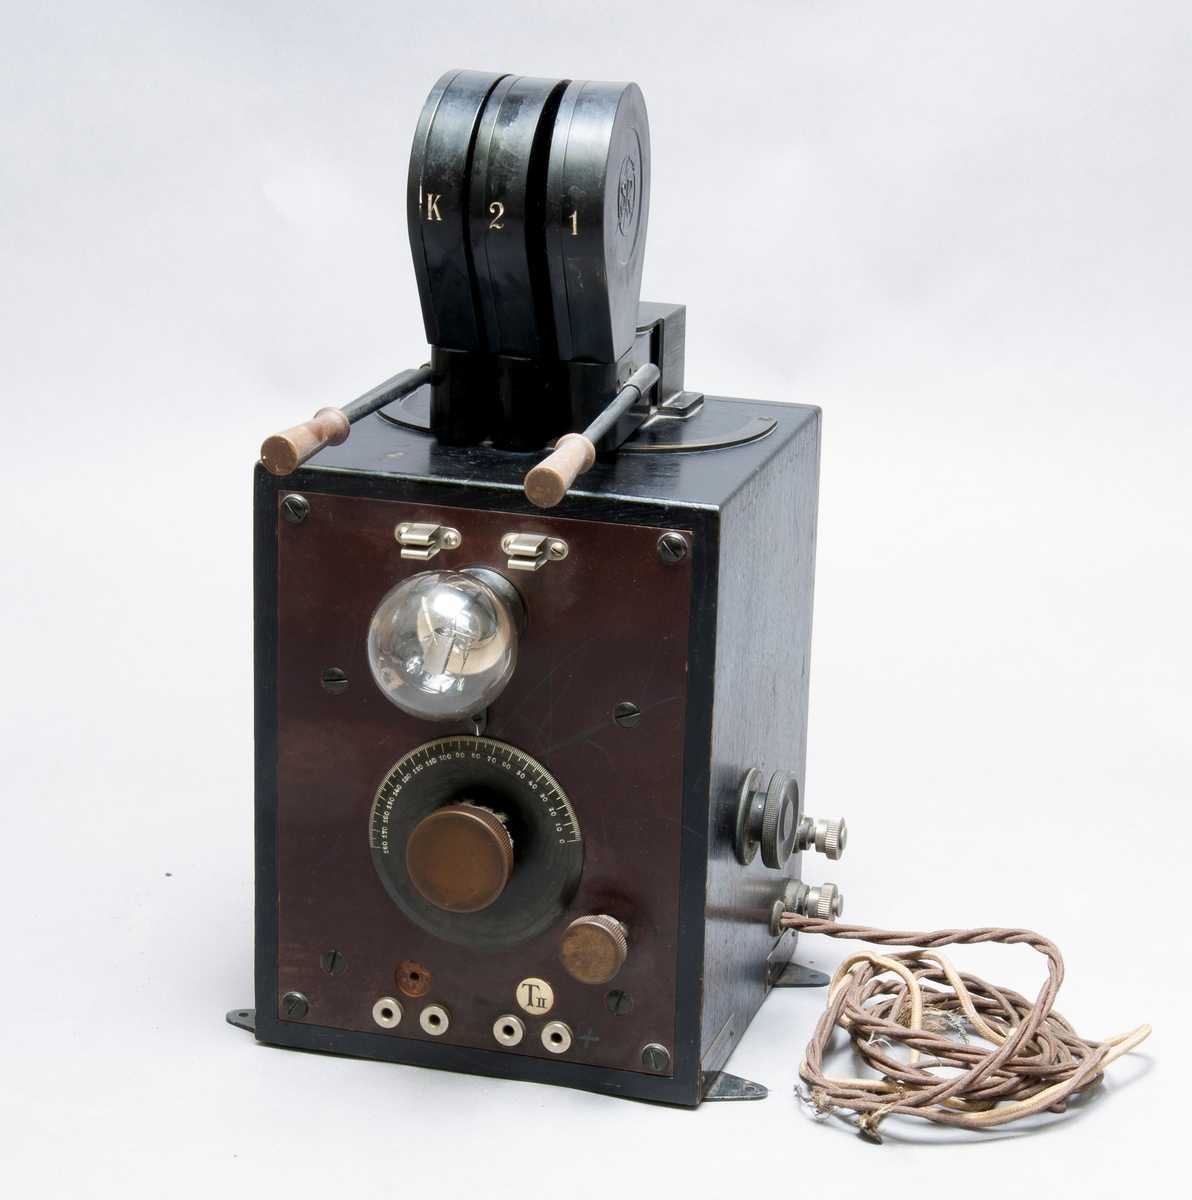 Hänvisning: Angående gåvan från TeliaSonera 2010, se Tekniska Museets arkiv: TM-F44.